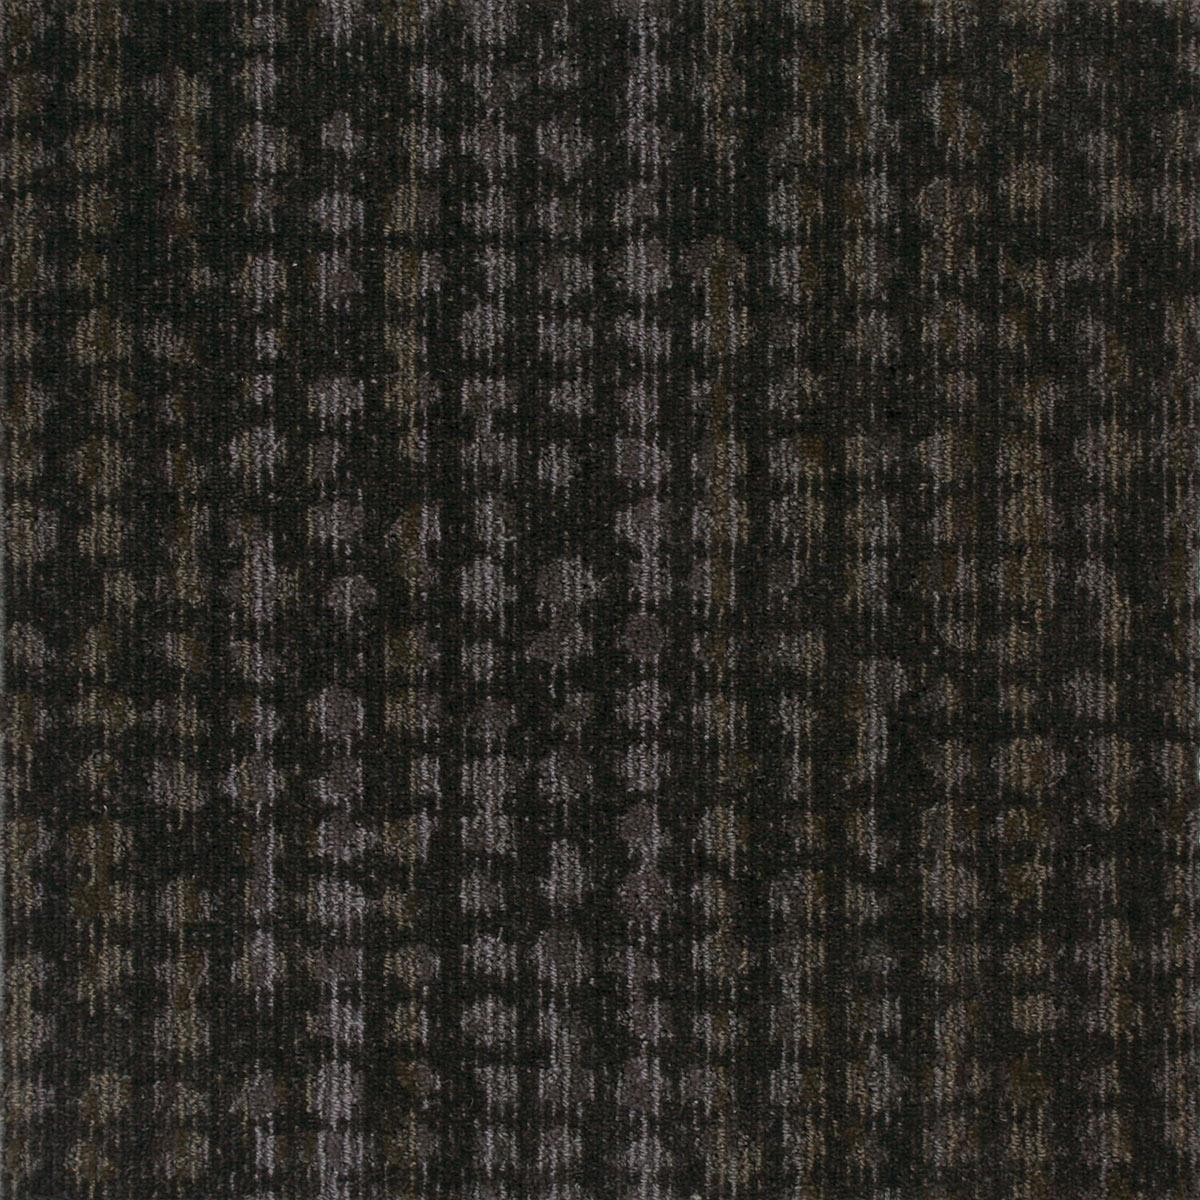 9019 Domino